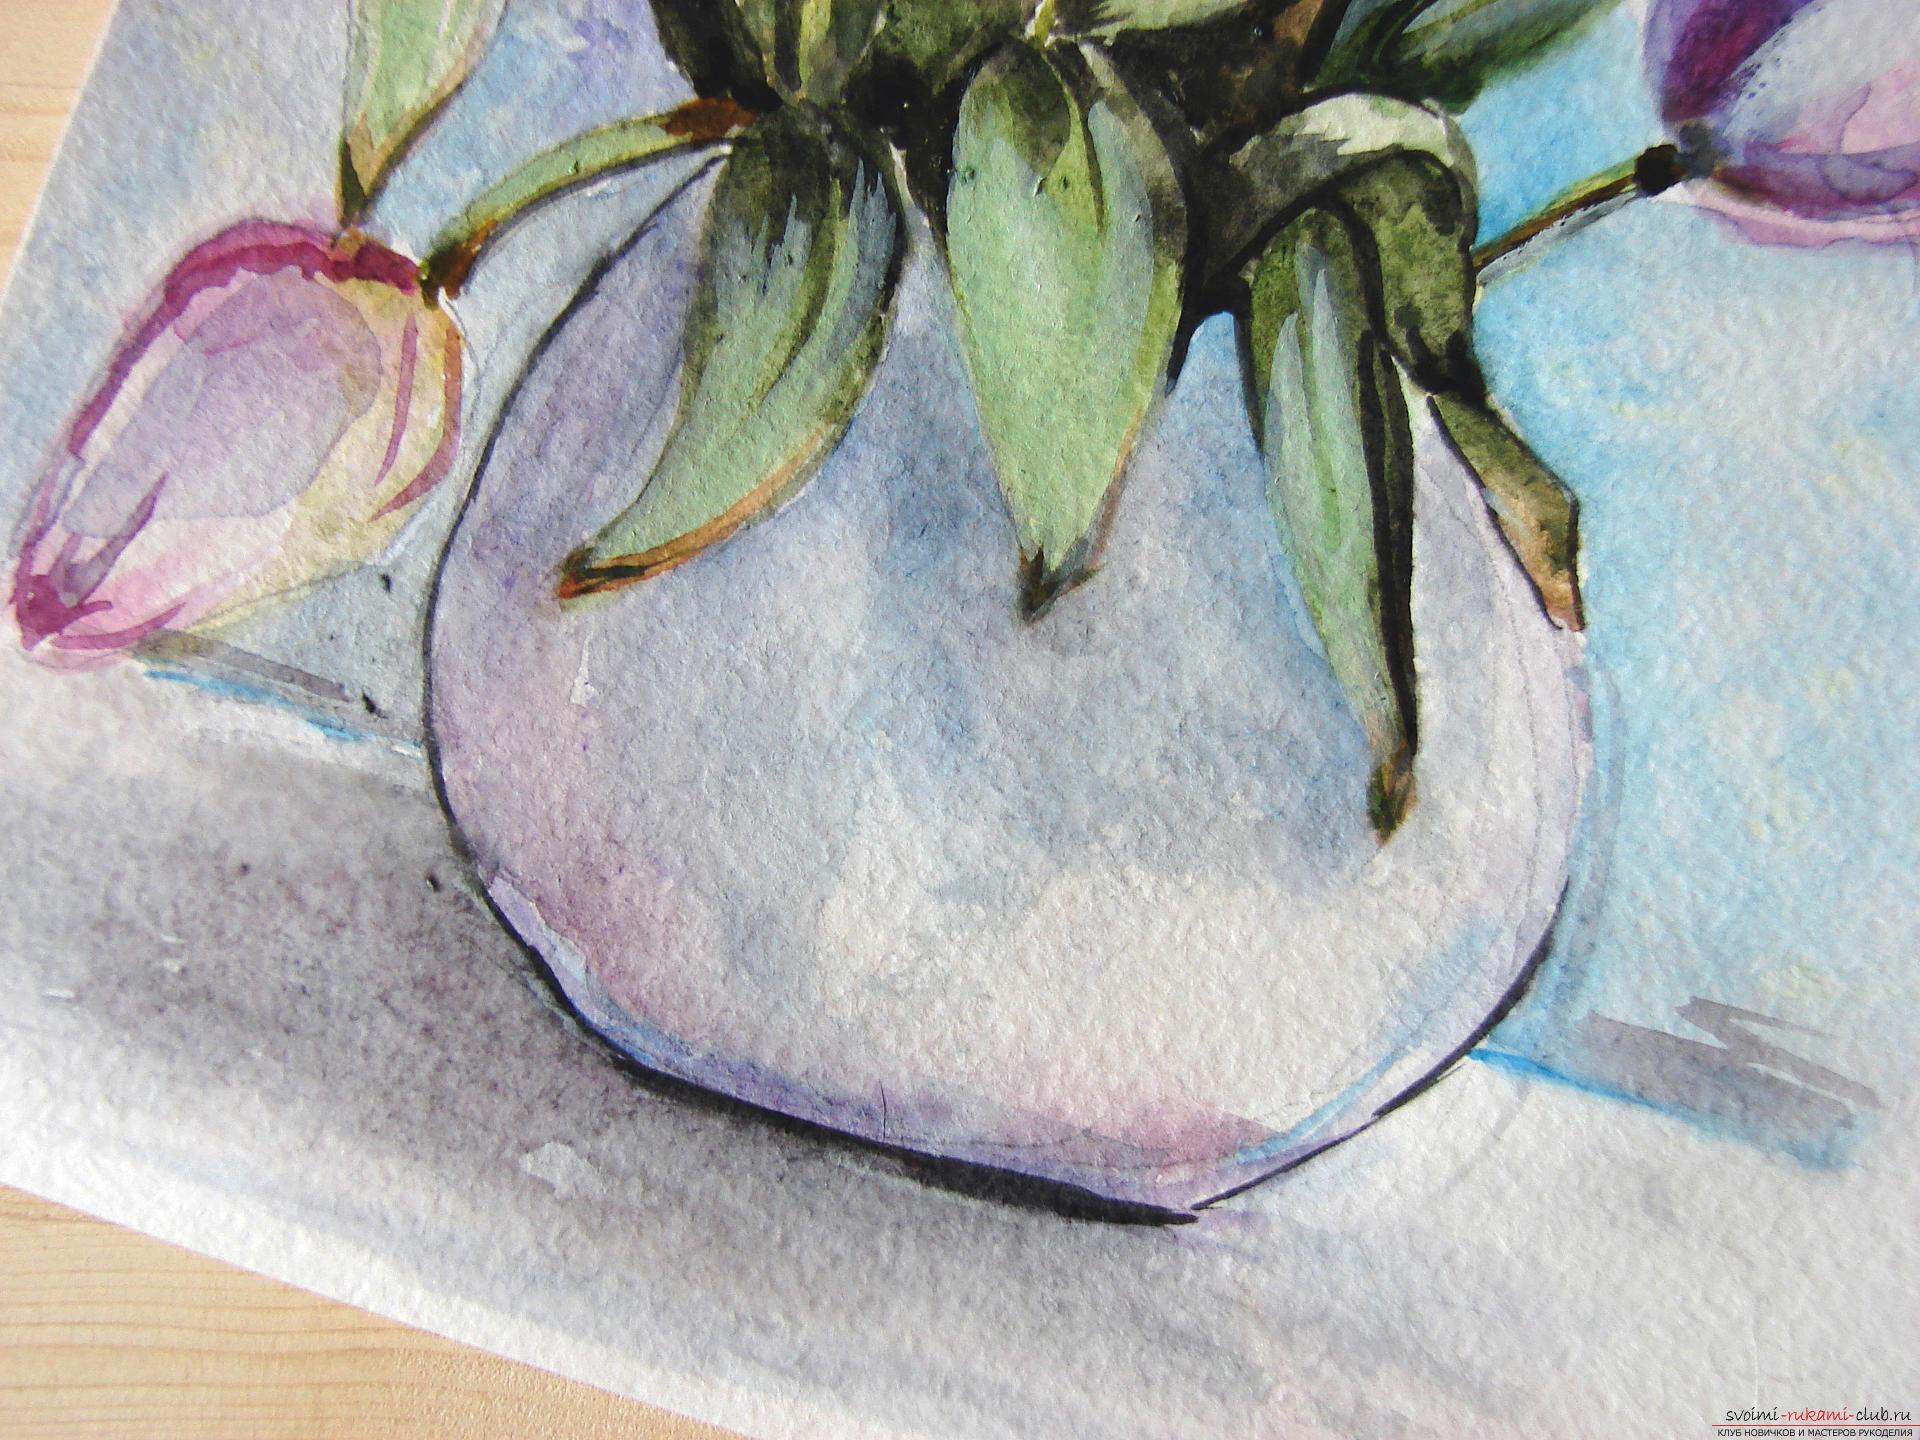 Мастер-класс по рисованию с фото научит как нарисовать цветы, подробно описав как рисуются тюльпаны поэтапно.. Фото №27